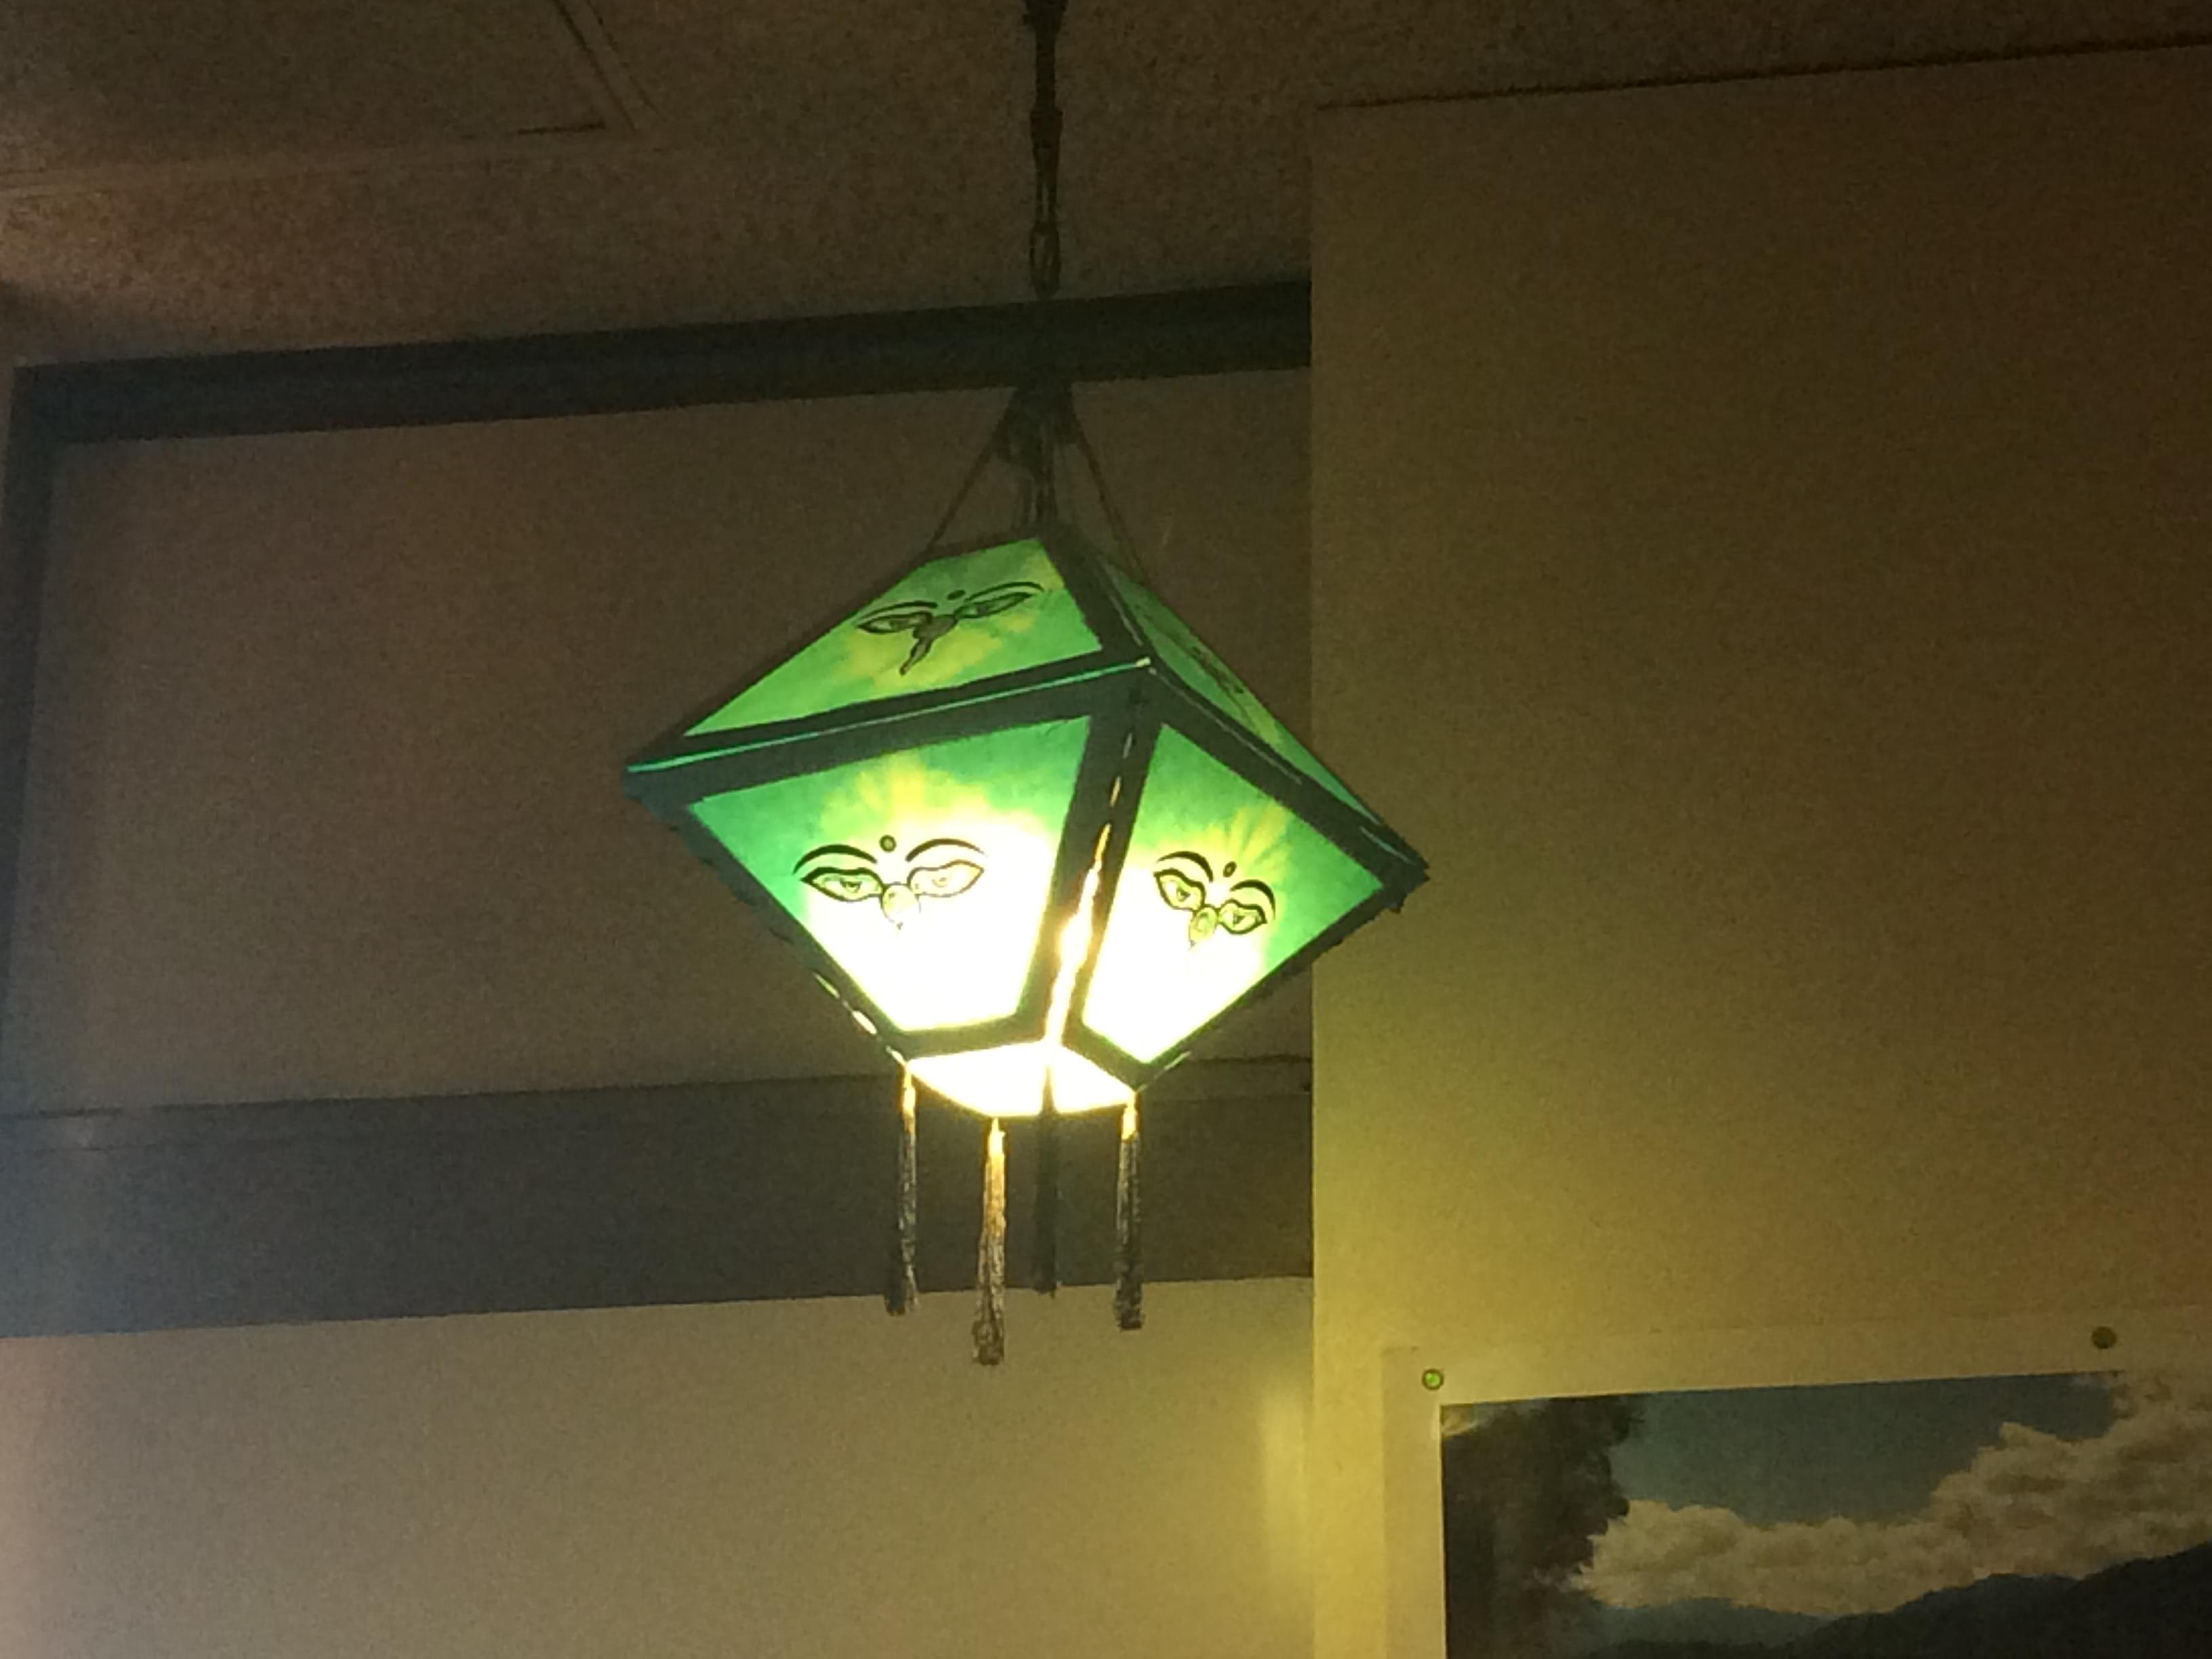 店内の灯りは間接照明風で、自然光と良いバランス